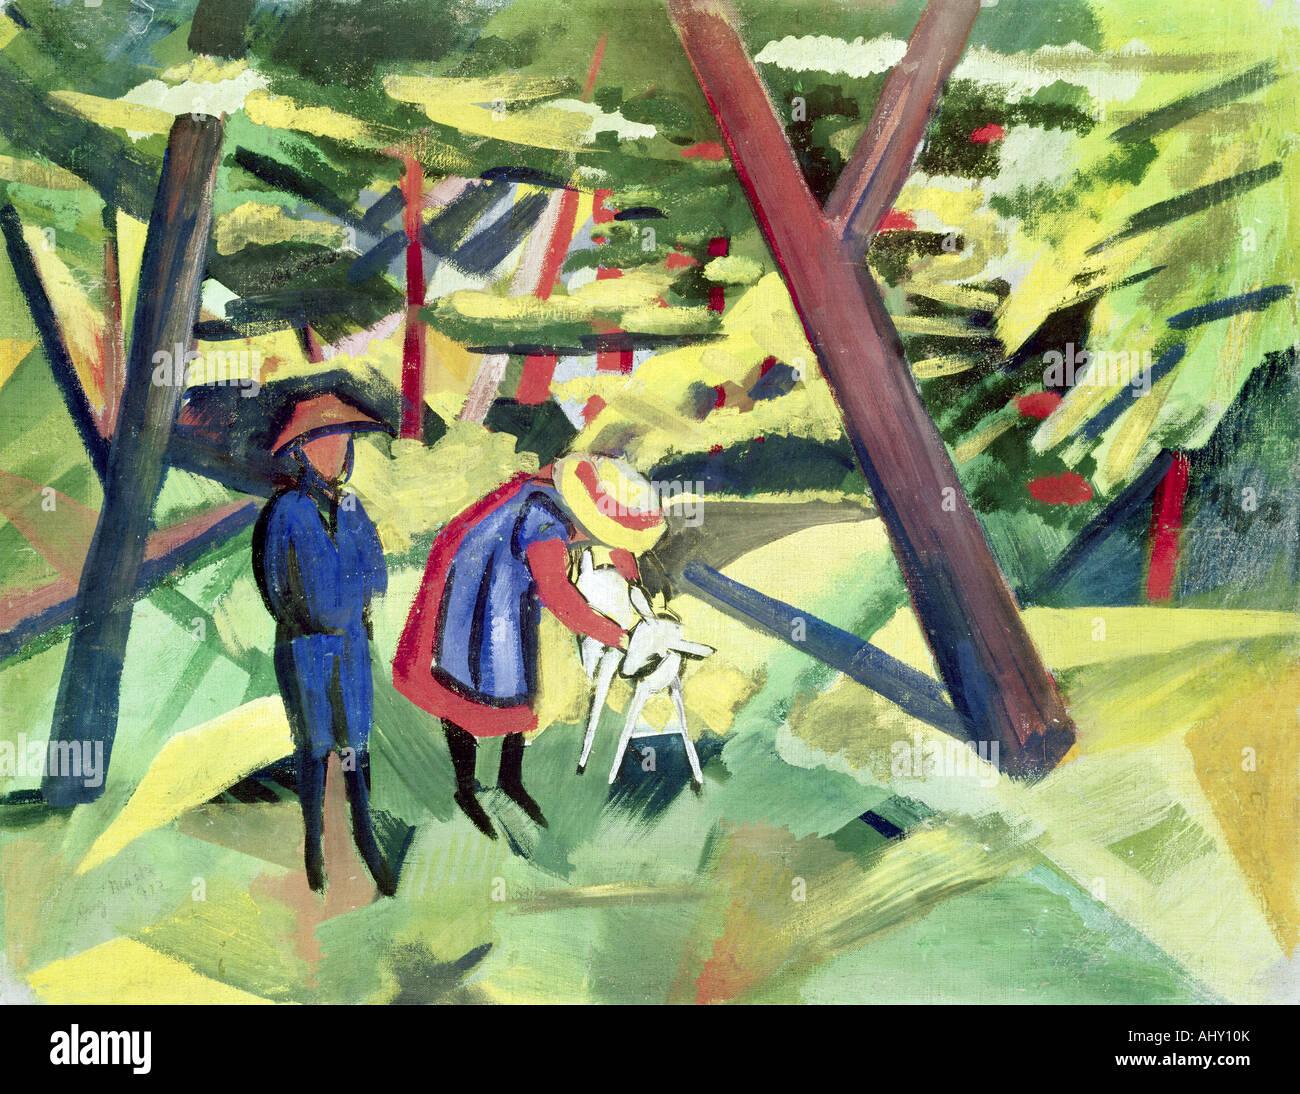 'Fine Arts, Macke, August, (1887 - 1914), peinture, 'Kinder mit Ziege im Wald', ('les enfants avec Photo Stock